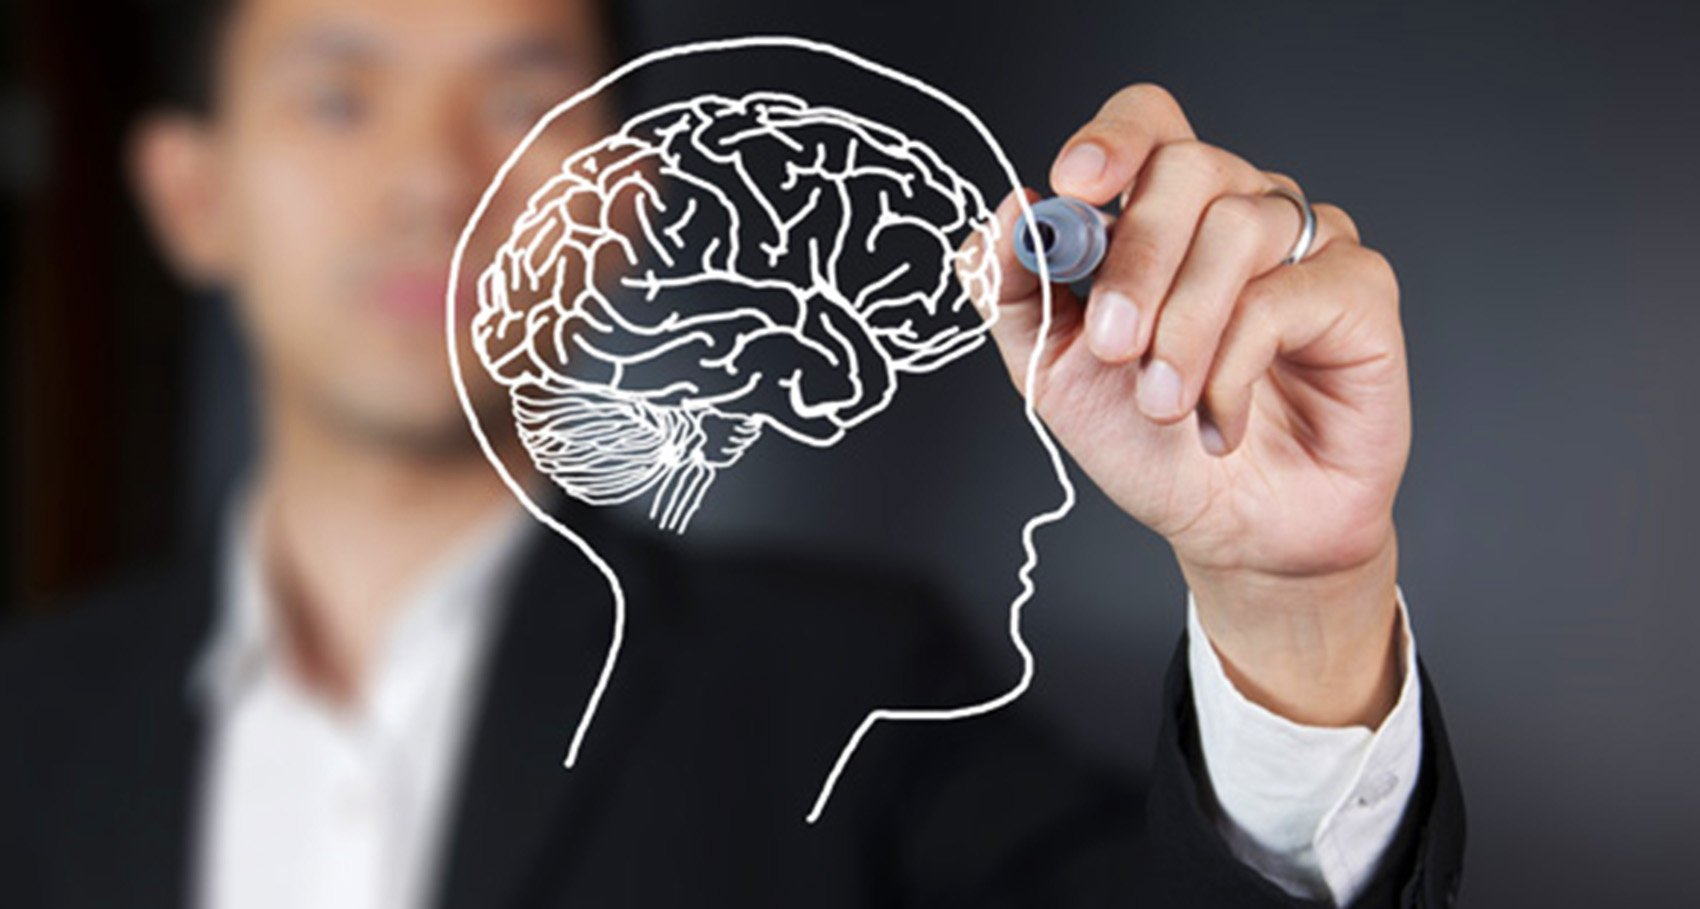 Характер зависит от формы мозга, показало исследование